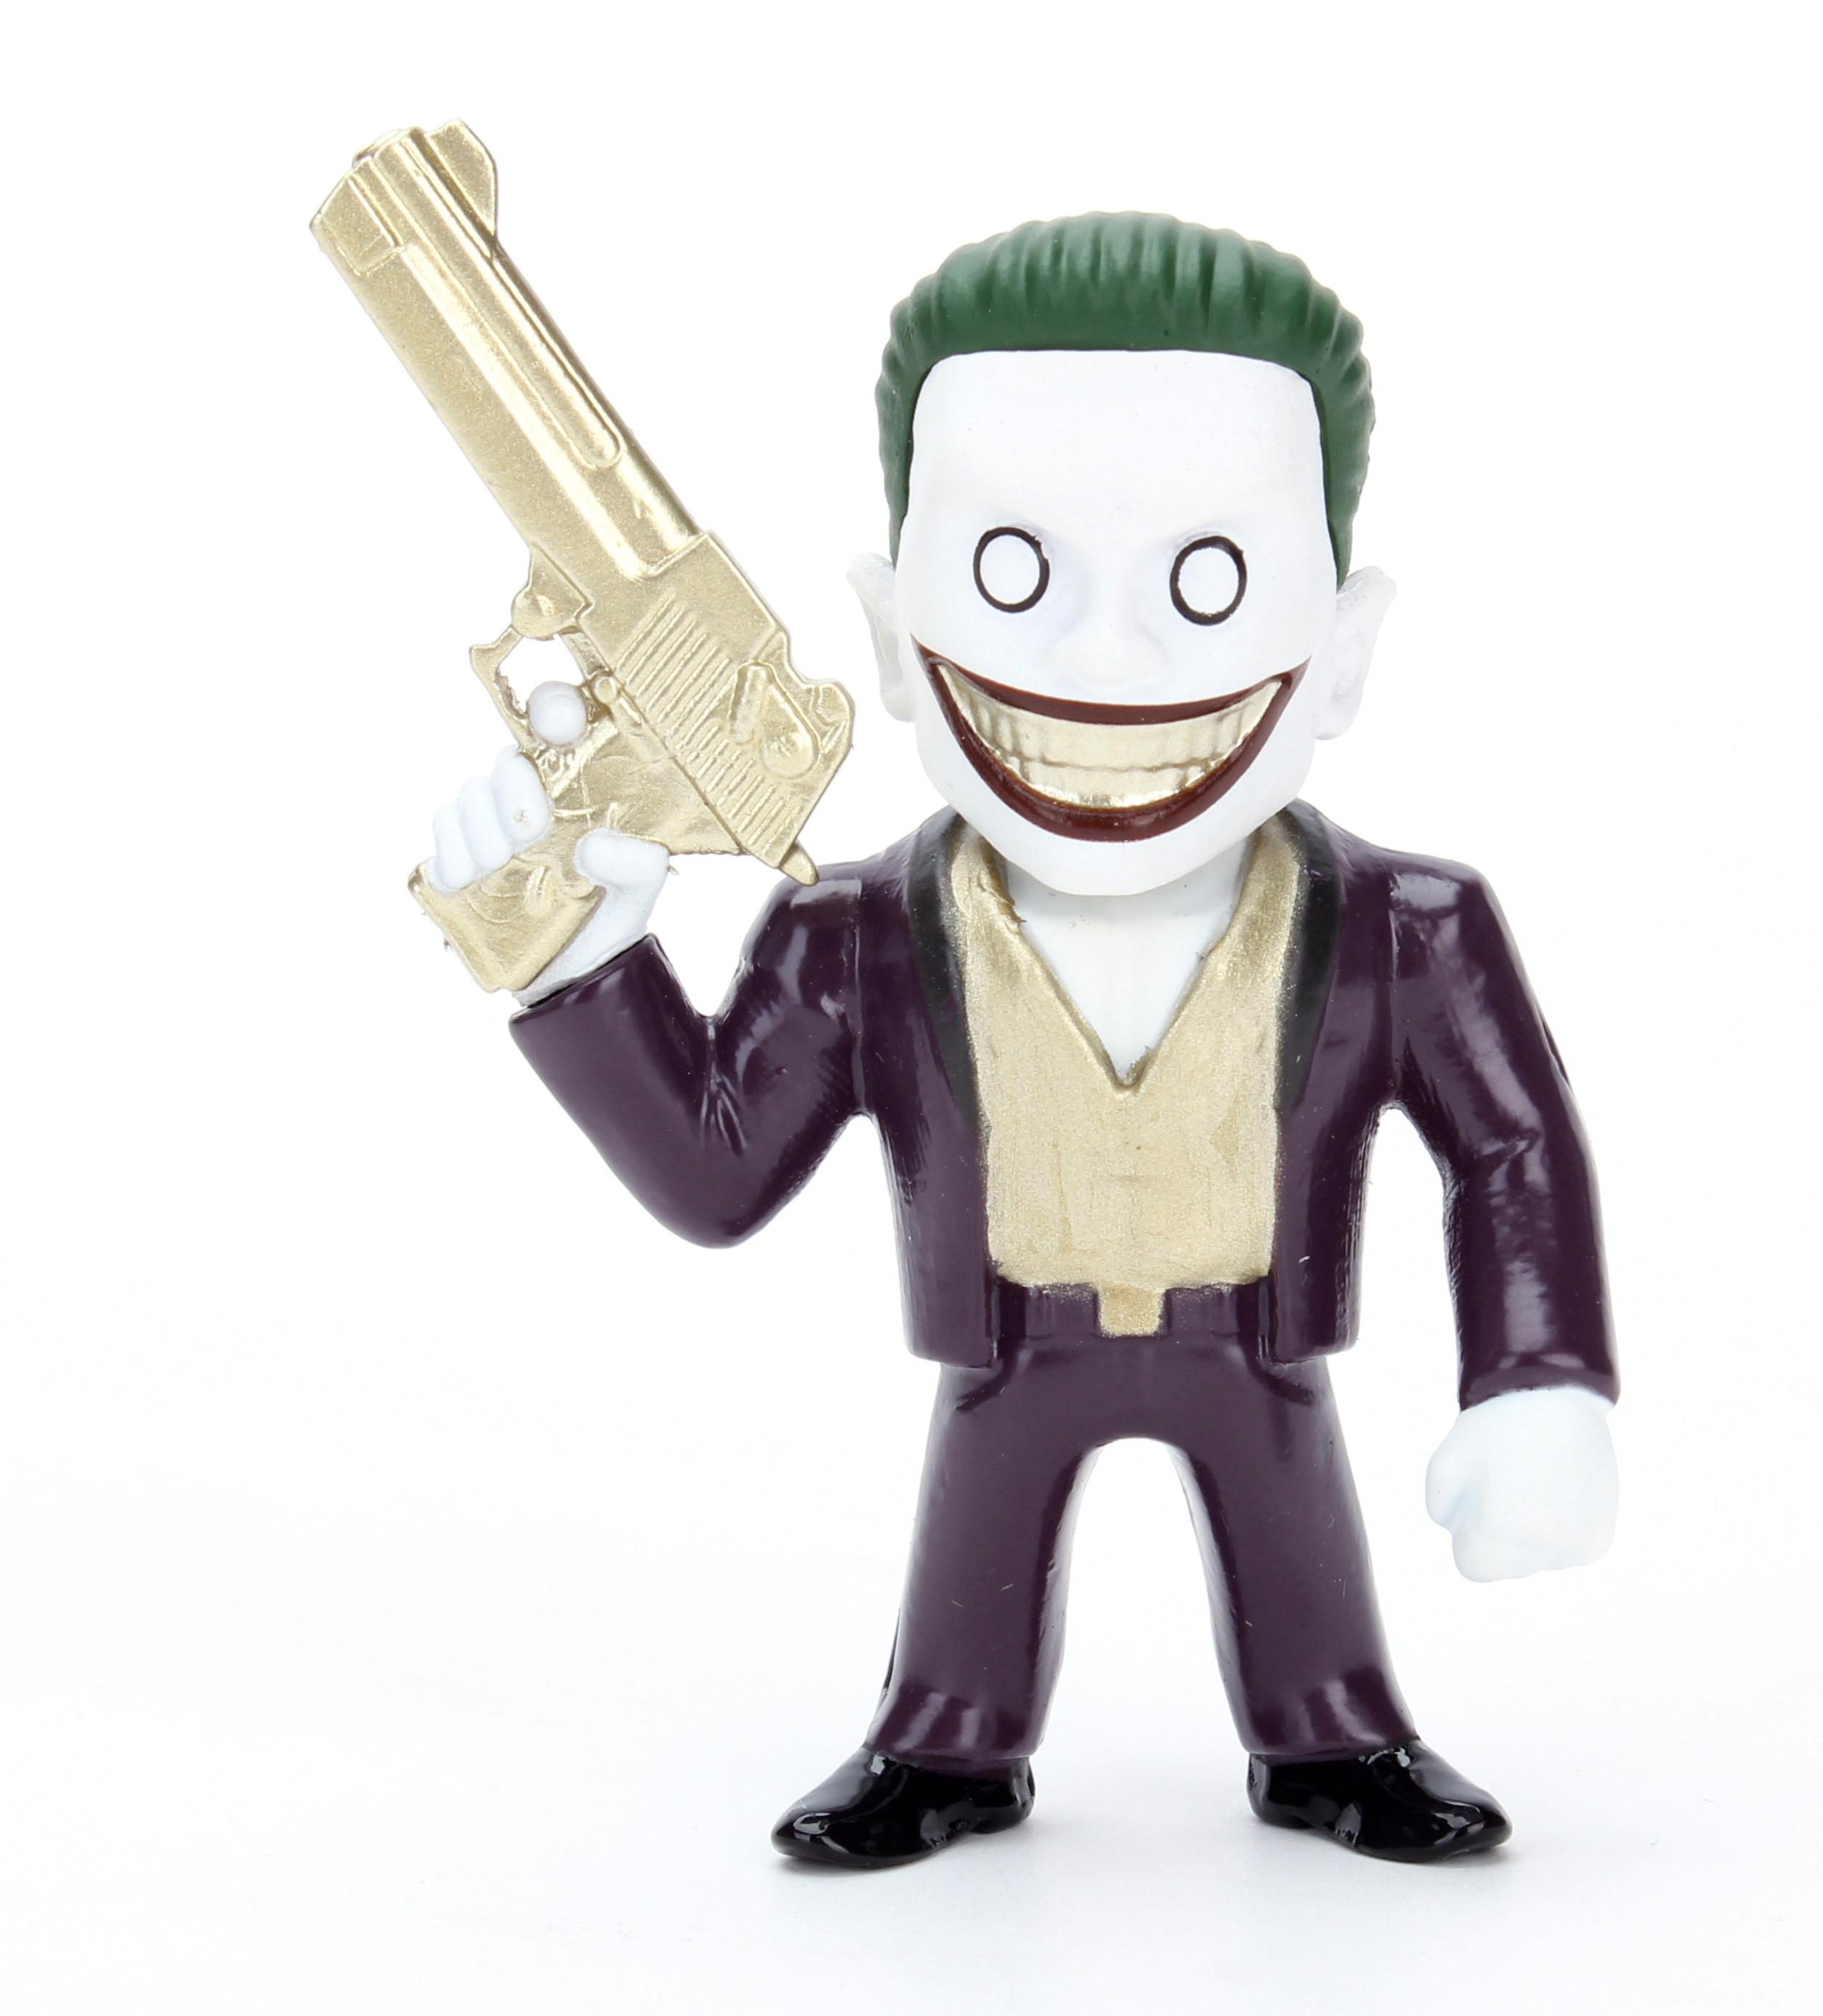 Коллекционная металлическая фигурка DC Comics: Джокер – Отряд Самоубийц – Suicide Squad Joker Boss Alternate Version (6 см)  коллекционная металлическая фигурка dc comics джокер – отряд самоубийц – suicide squad joker alternate version 6 см